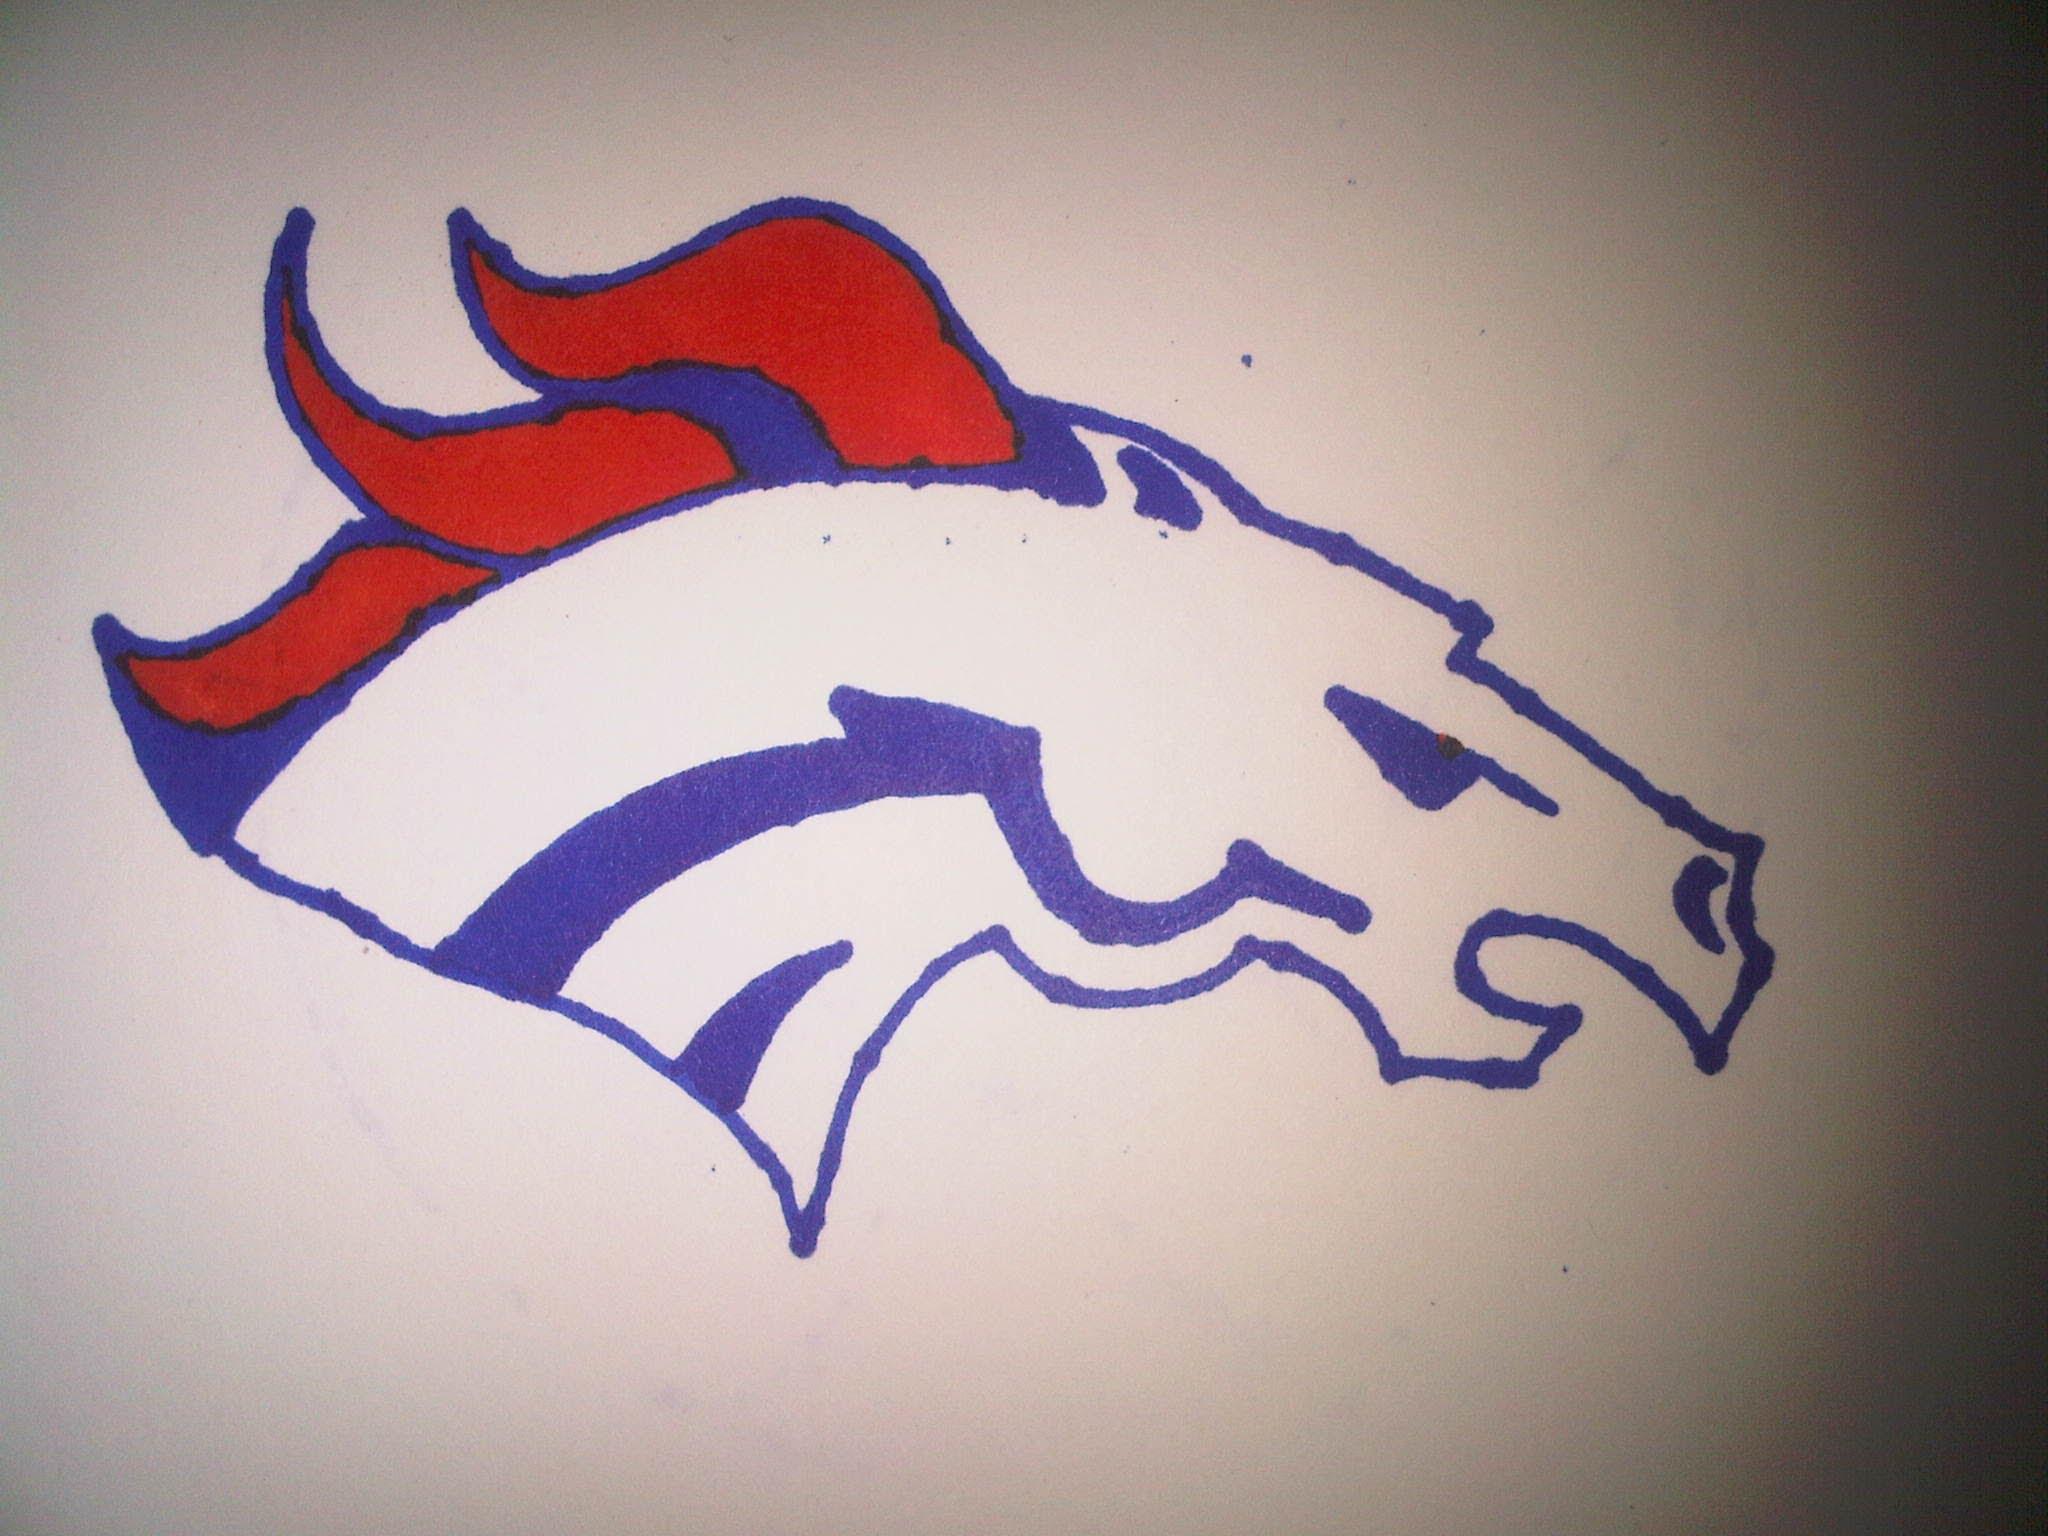 2048x1536 Broncos Logo Drawing How To Draw The Denver Broncos Logo